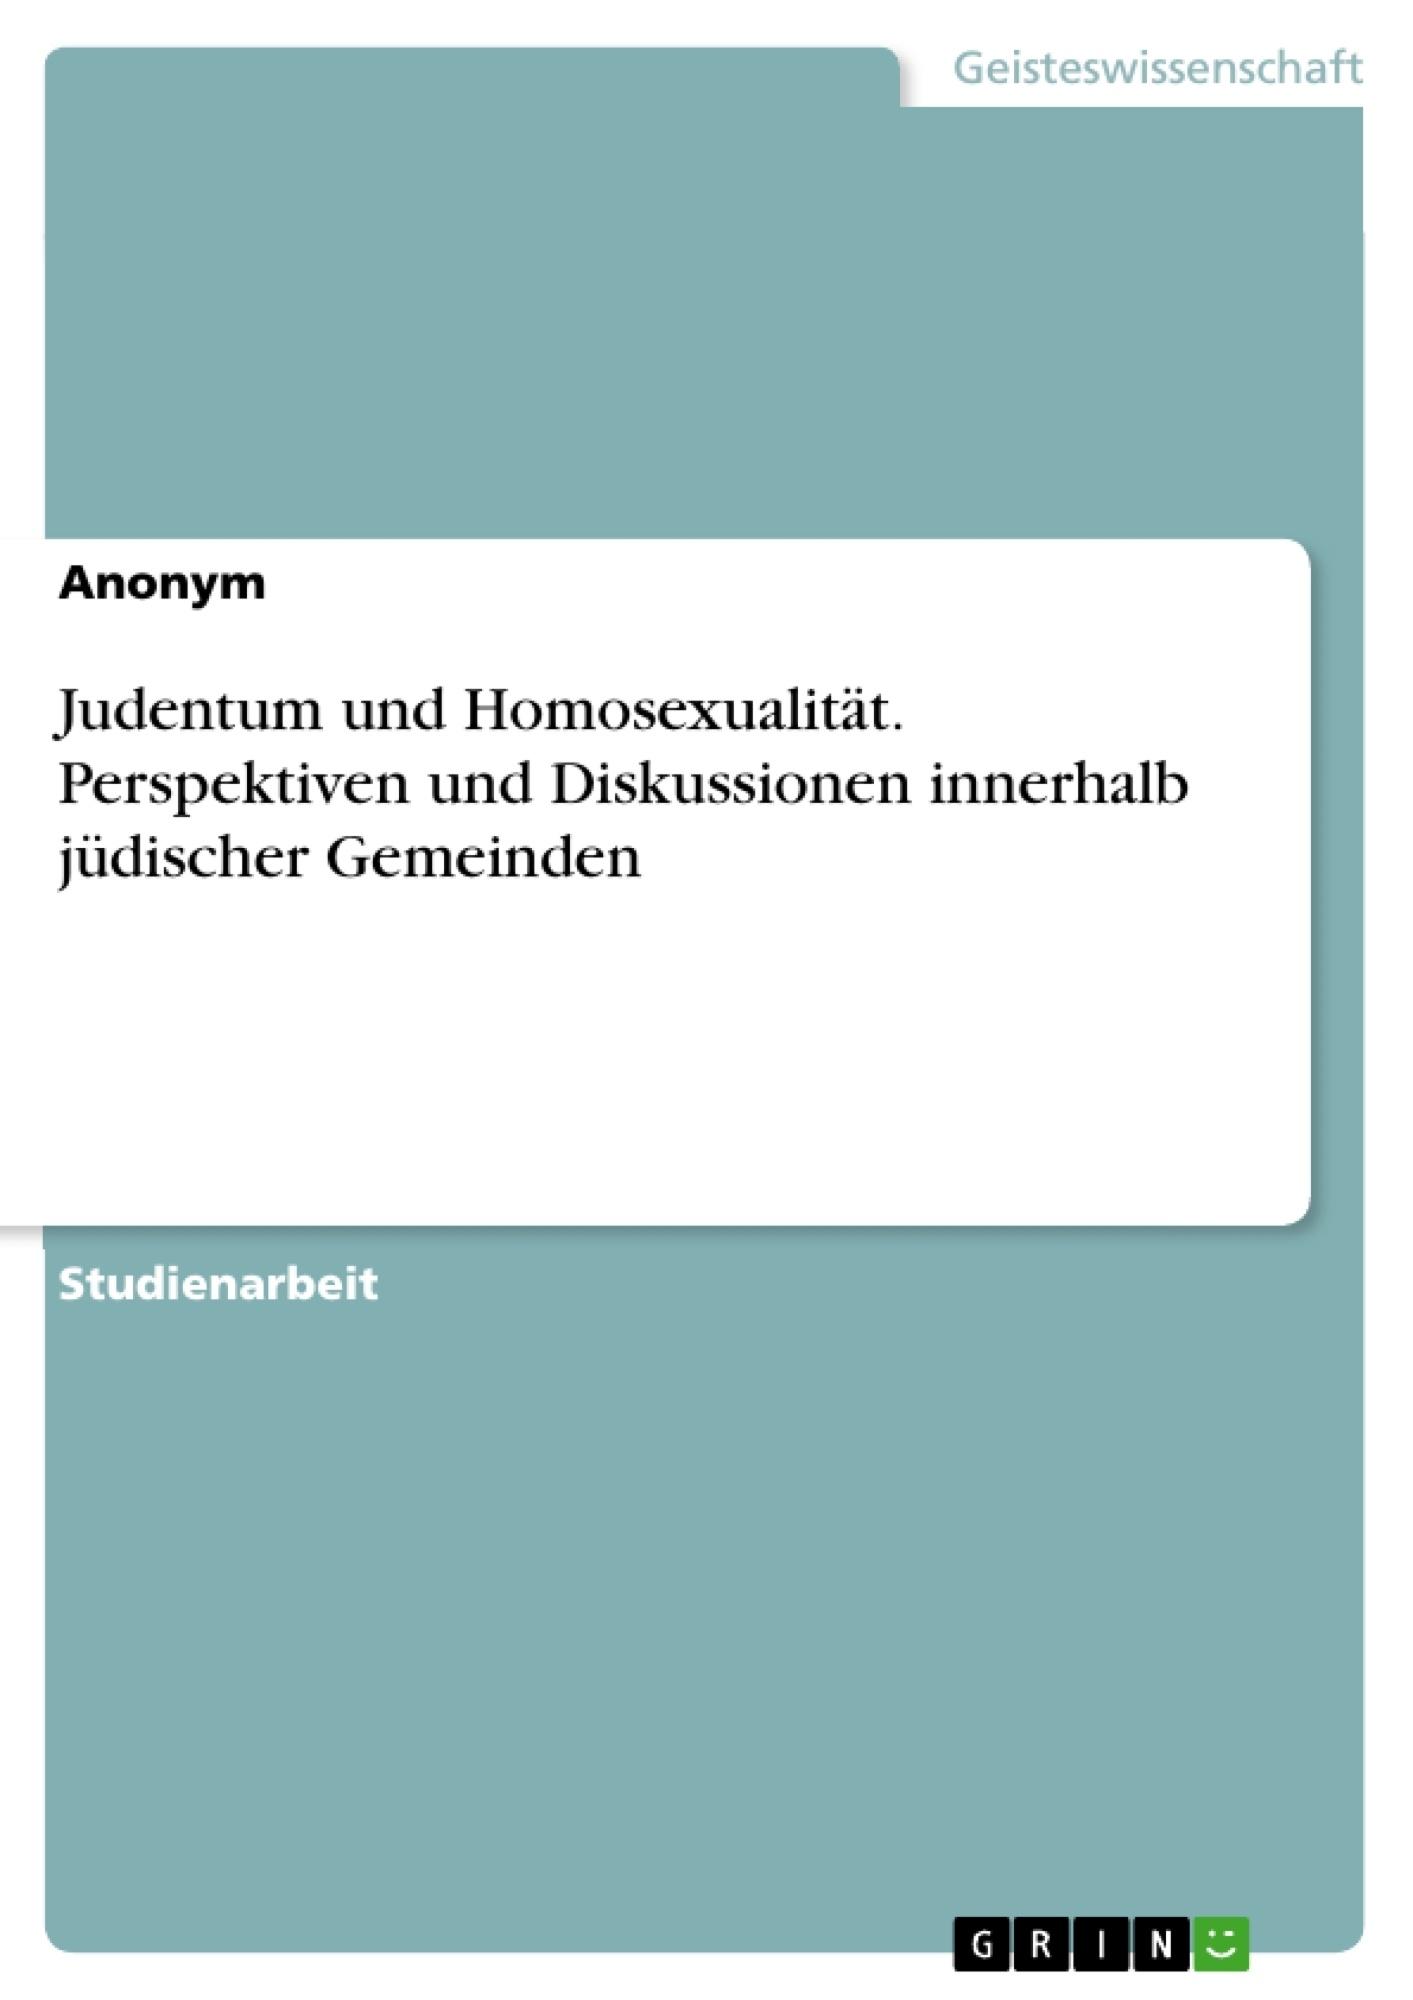 Titel: Judentum und Homosexualität. Perspektiven und Diskussionen innerhalb jüdischer Gemeinden